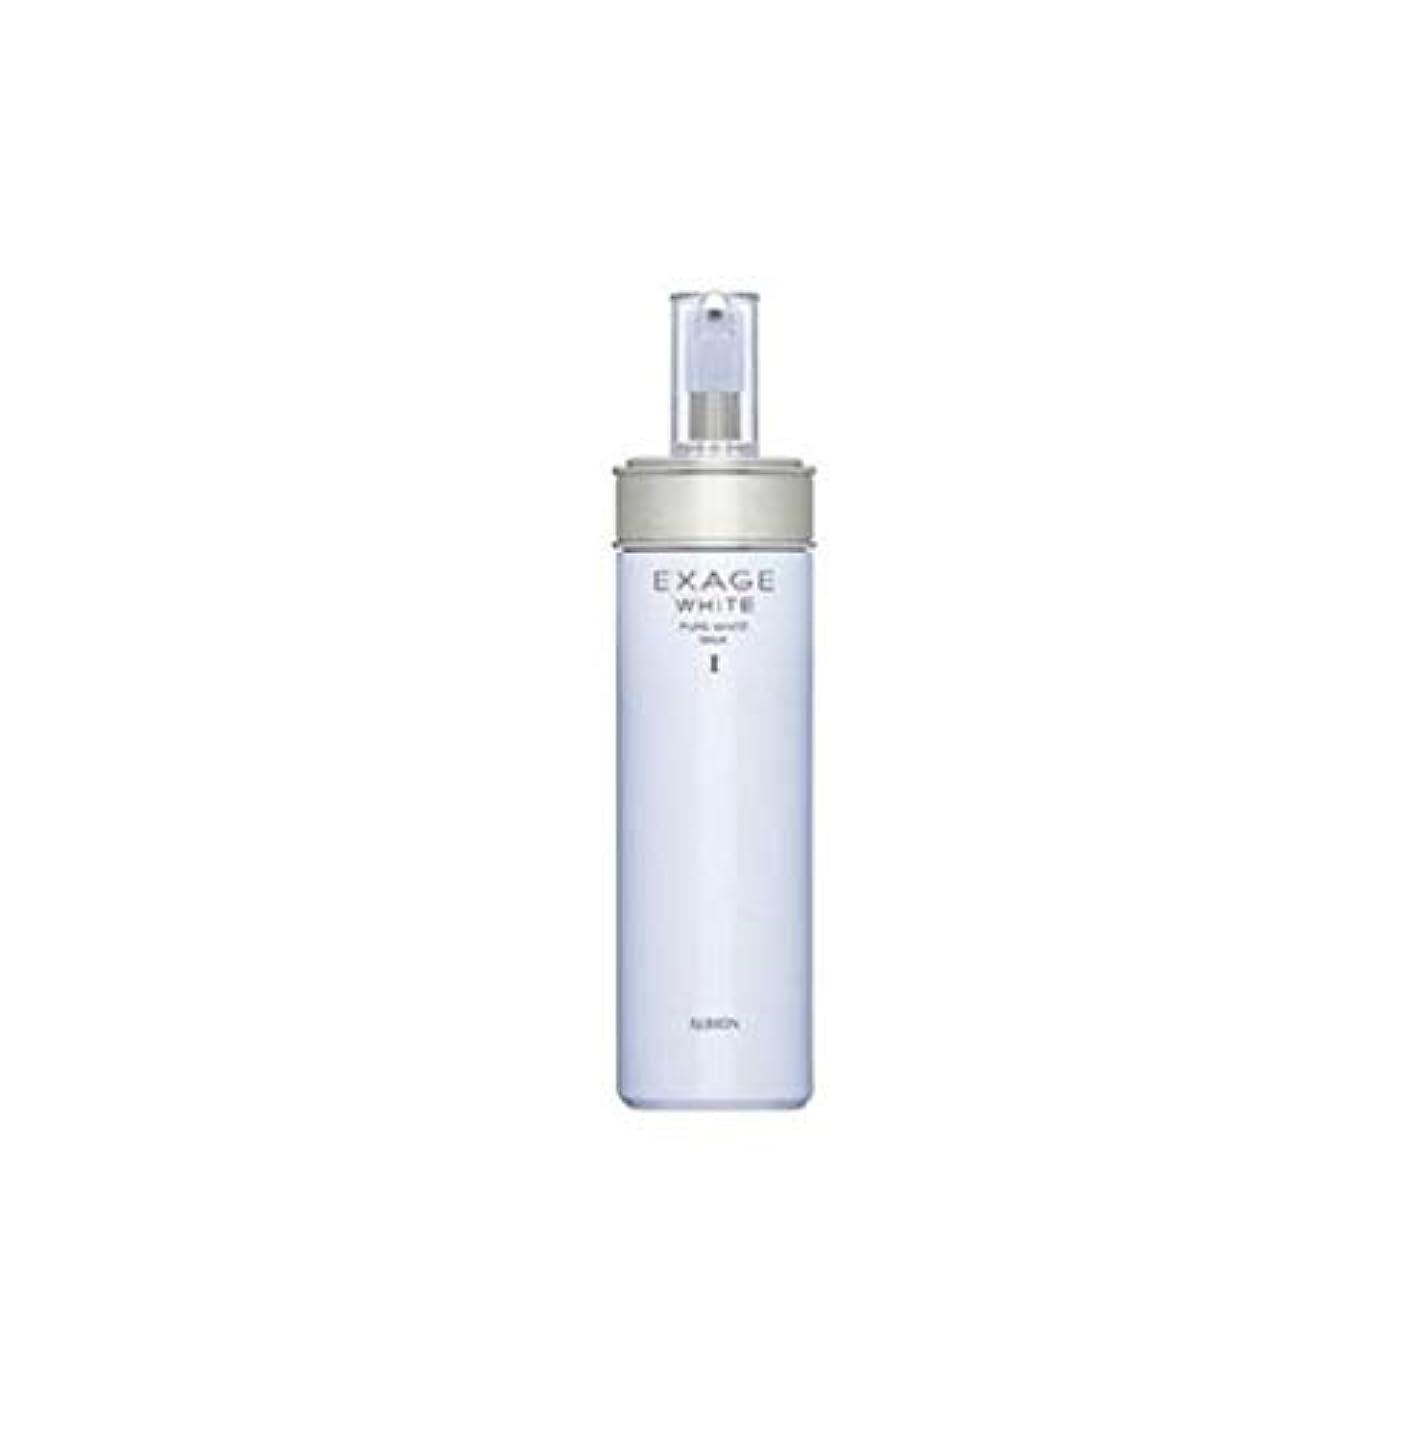 赤字びん湿地ALBION(アルビオン) エクサージュホワイト ピュアホワイト ミルク I 200g [ 乳液 ]